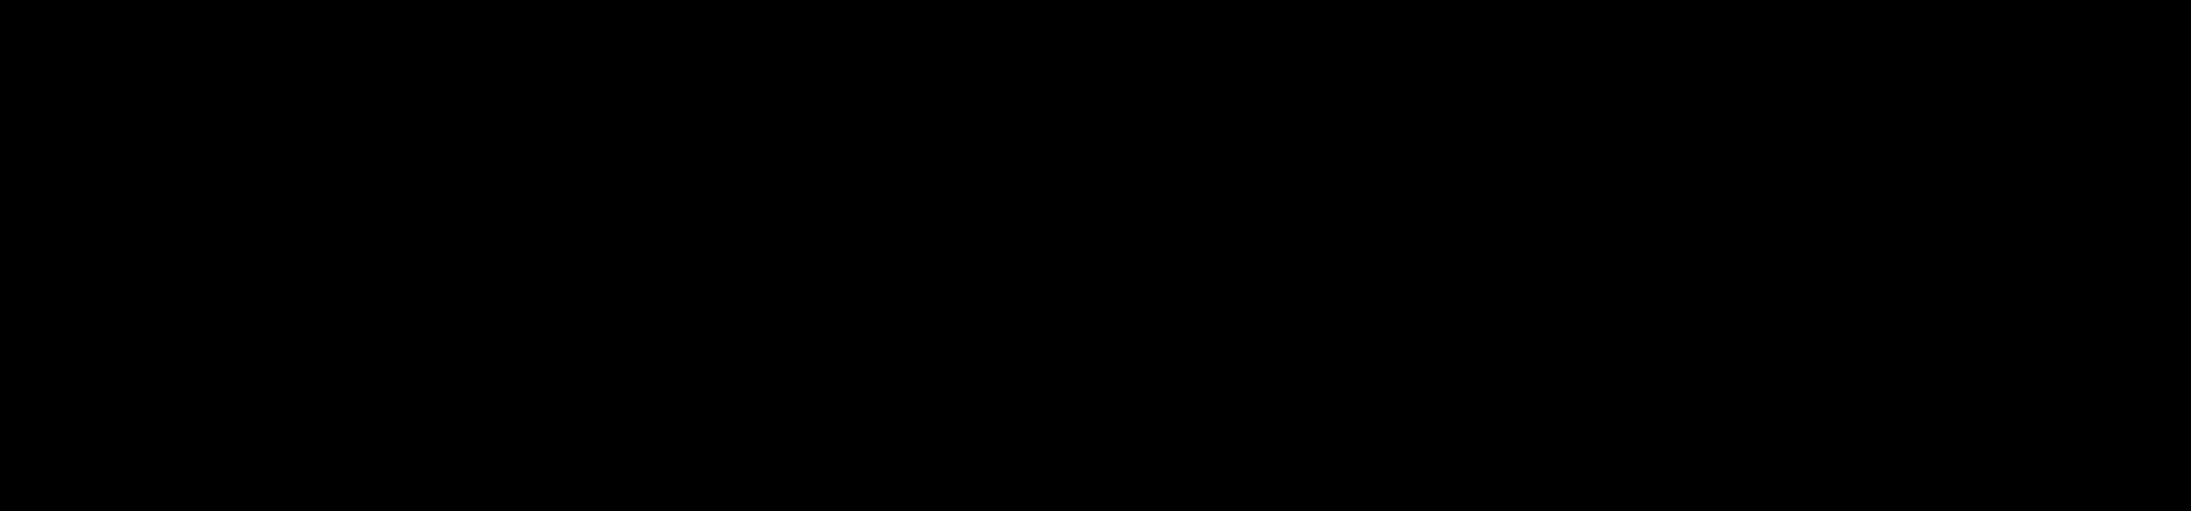 instyle-logo-black